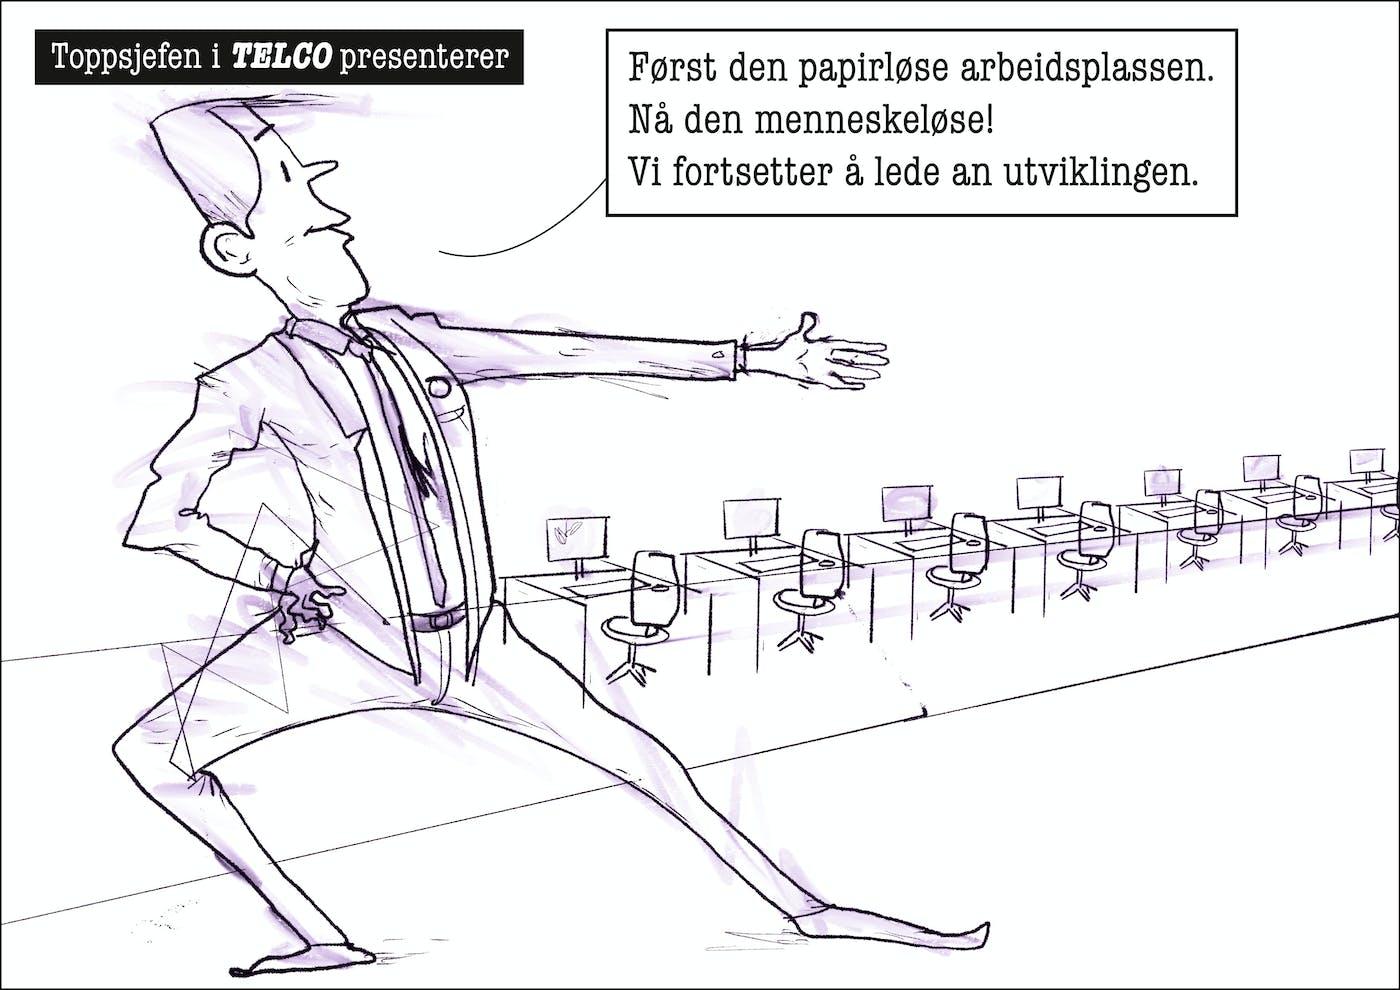 Telco Et Bransje Liv